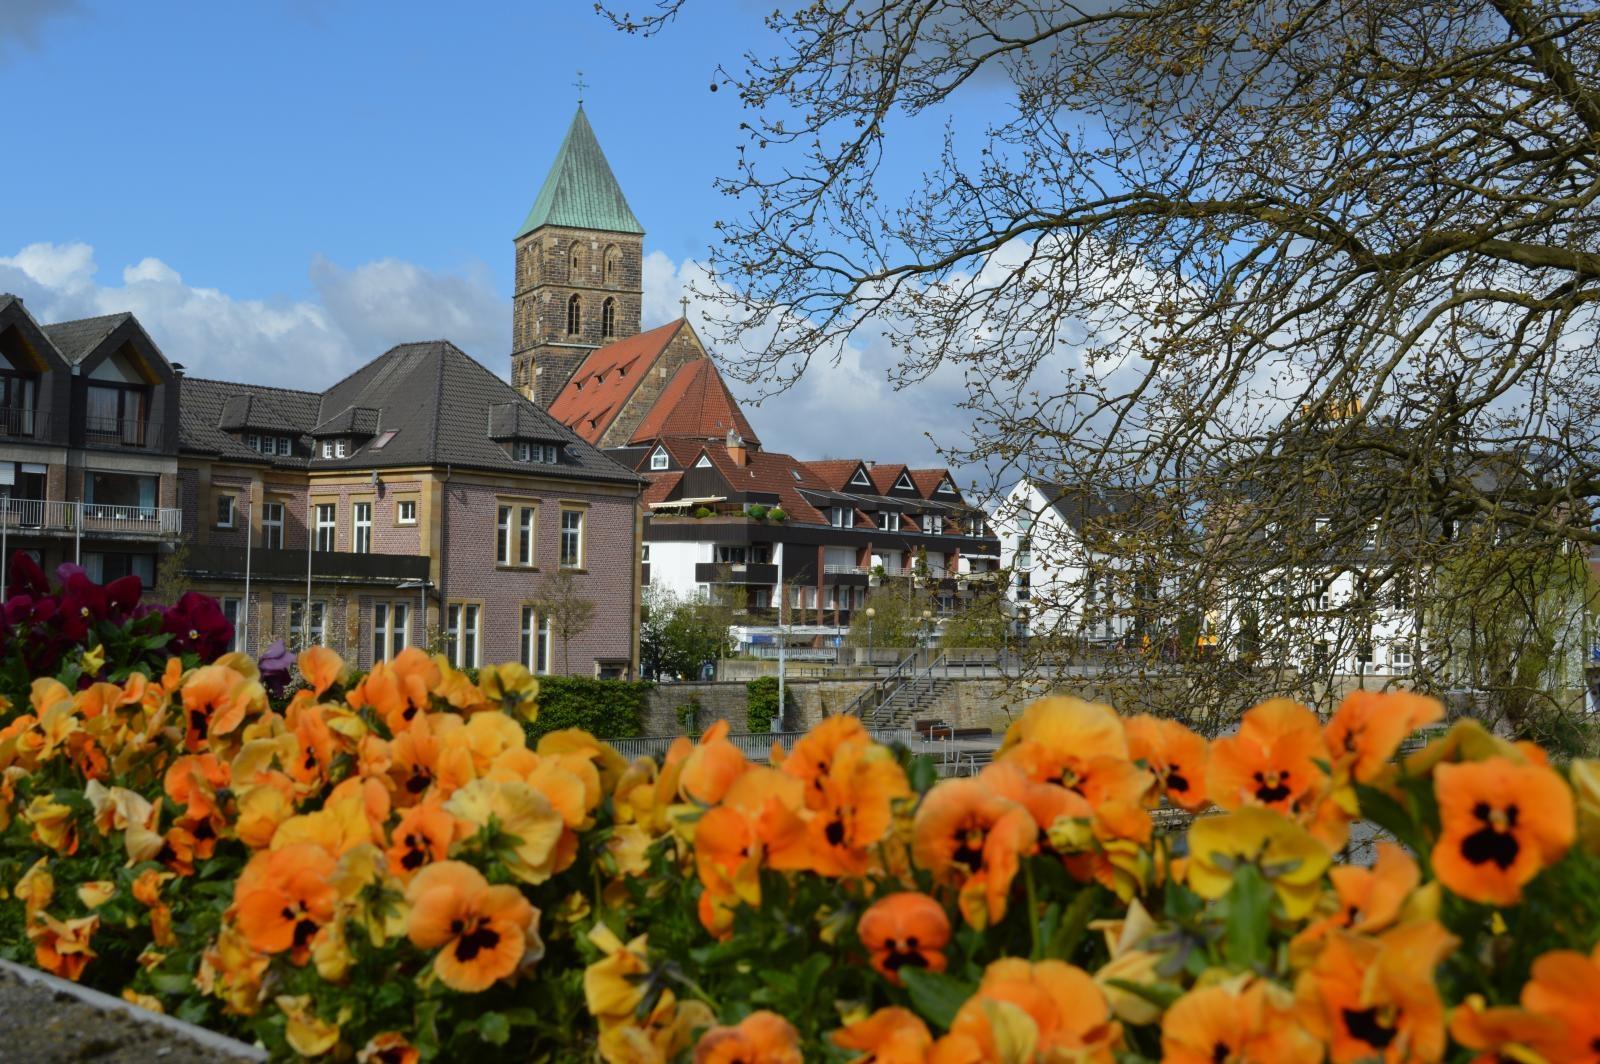 Blick von einer Emsbrück in Richtung historische Altstadt Rheine